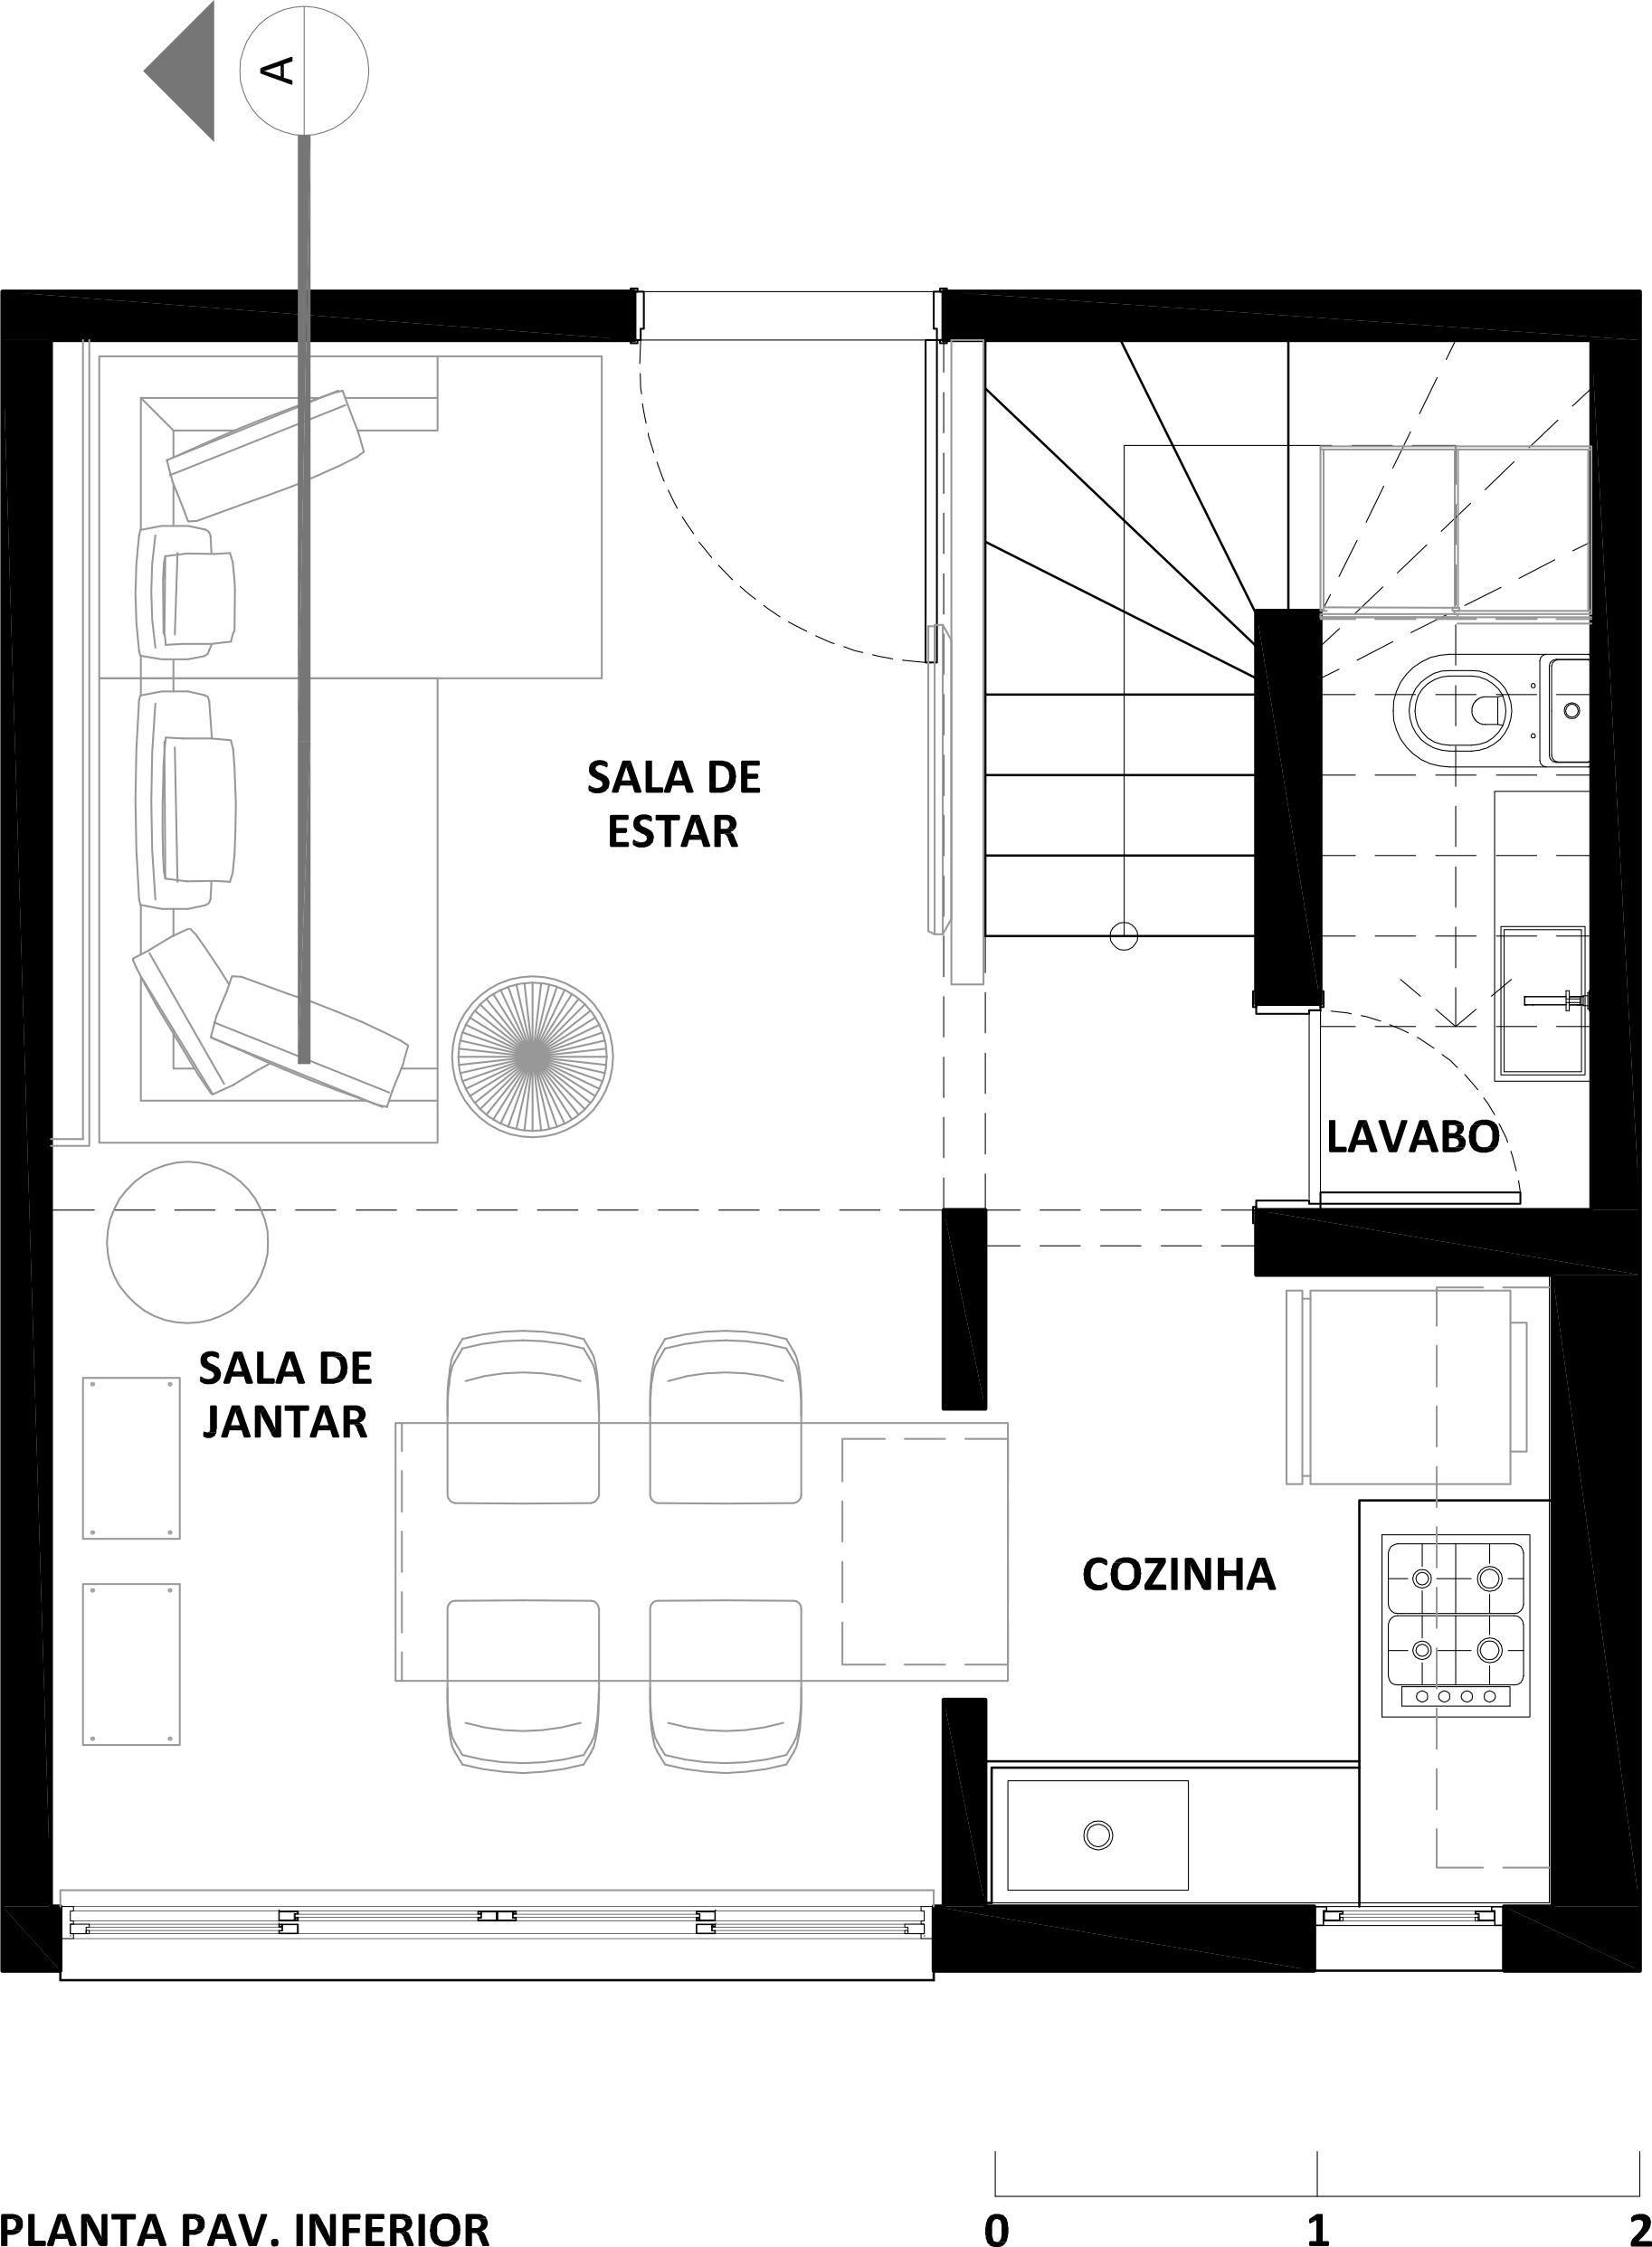 Planta Baixa Cozinha Cheap Planta Baixa U Novo Layout Corte Aa With